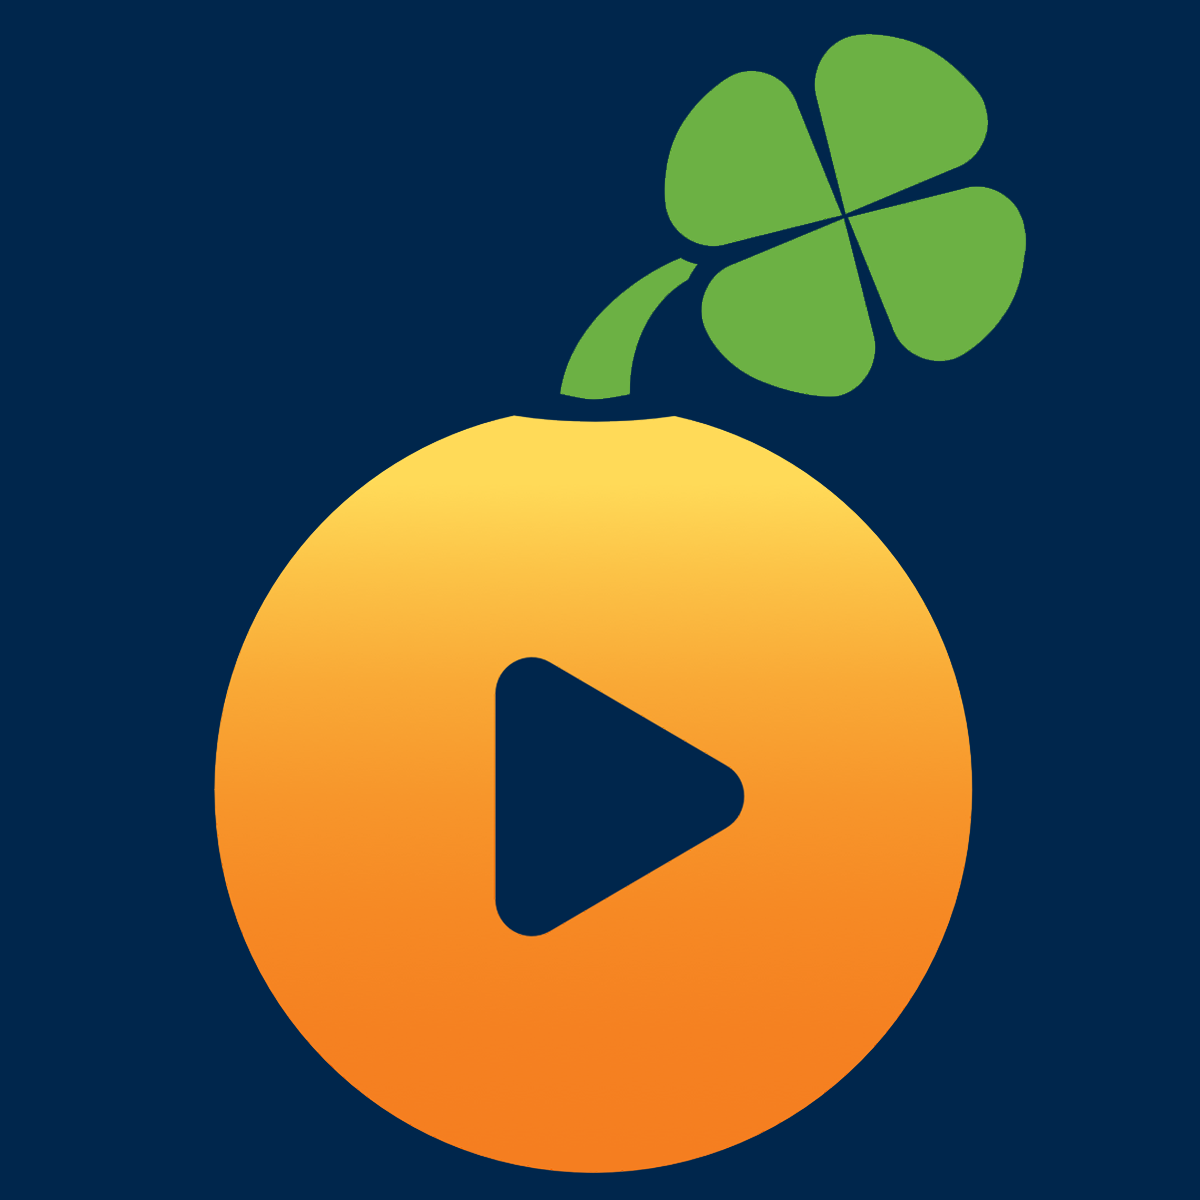 Lucky Orange logo image